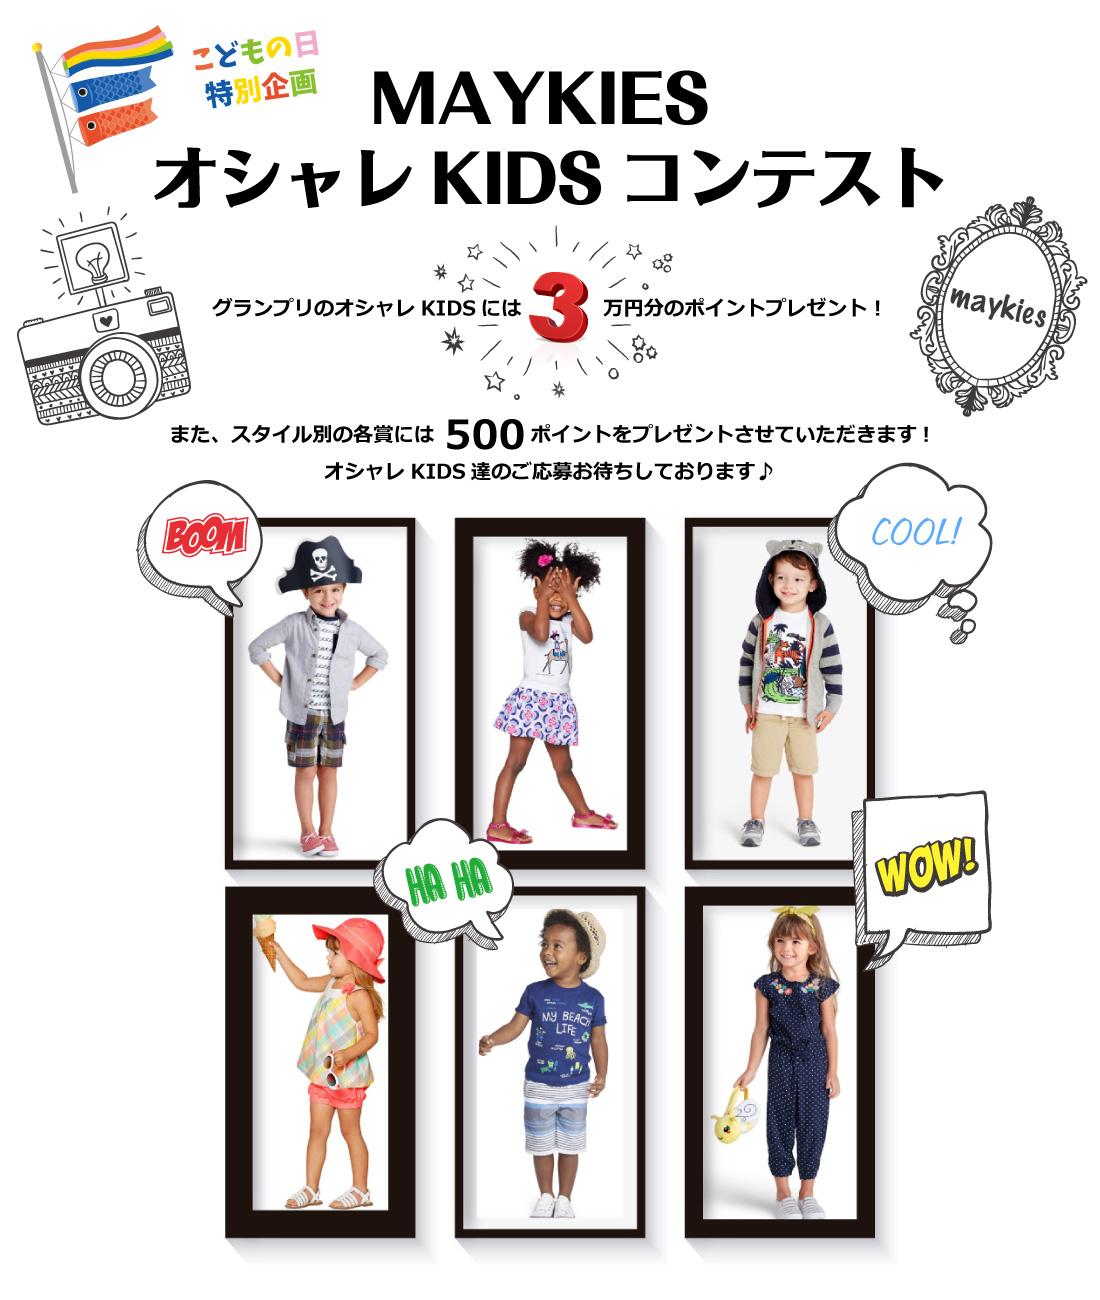 春の子ども服おしゃれキッズコンテストを開催